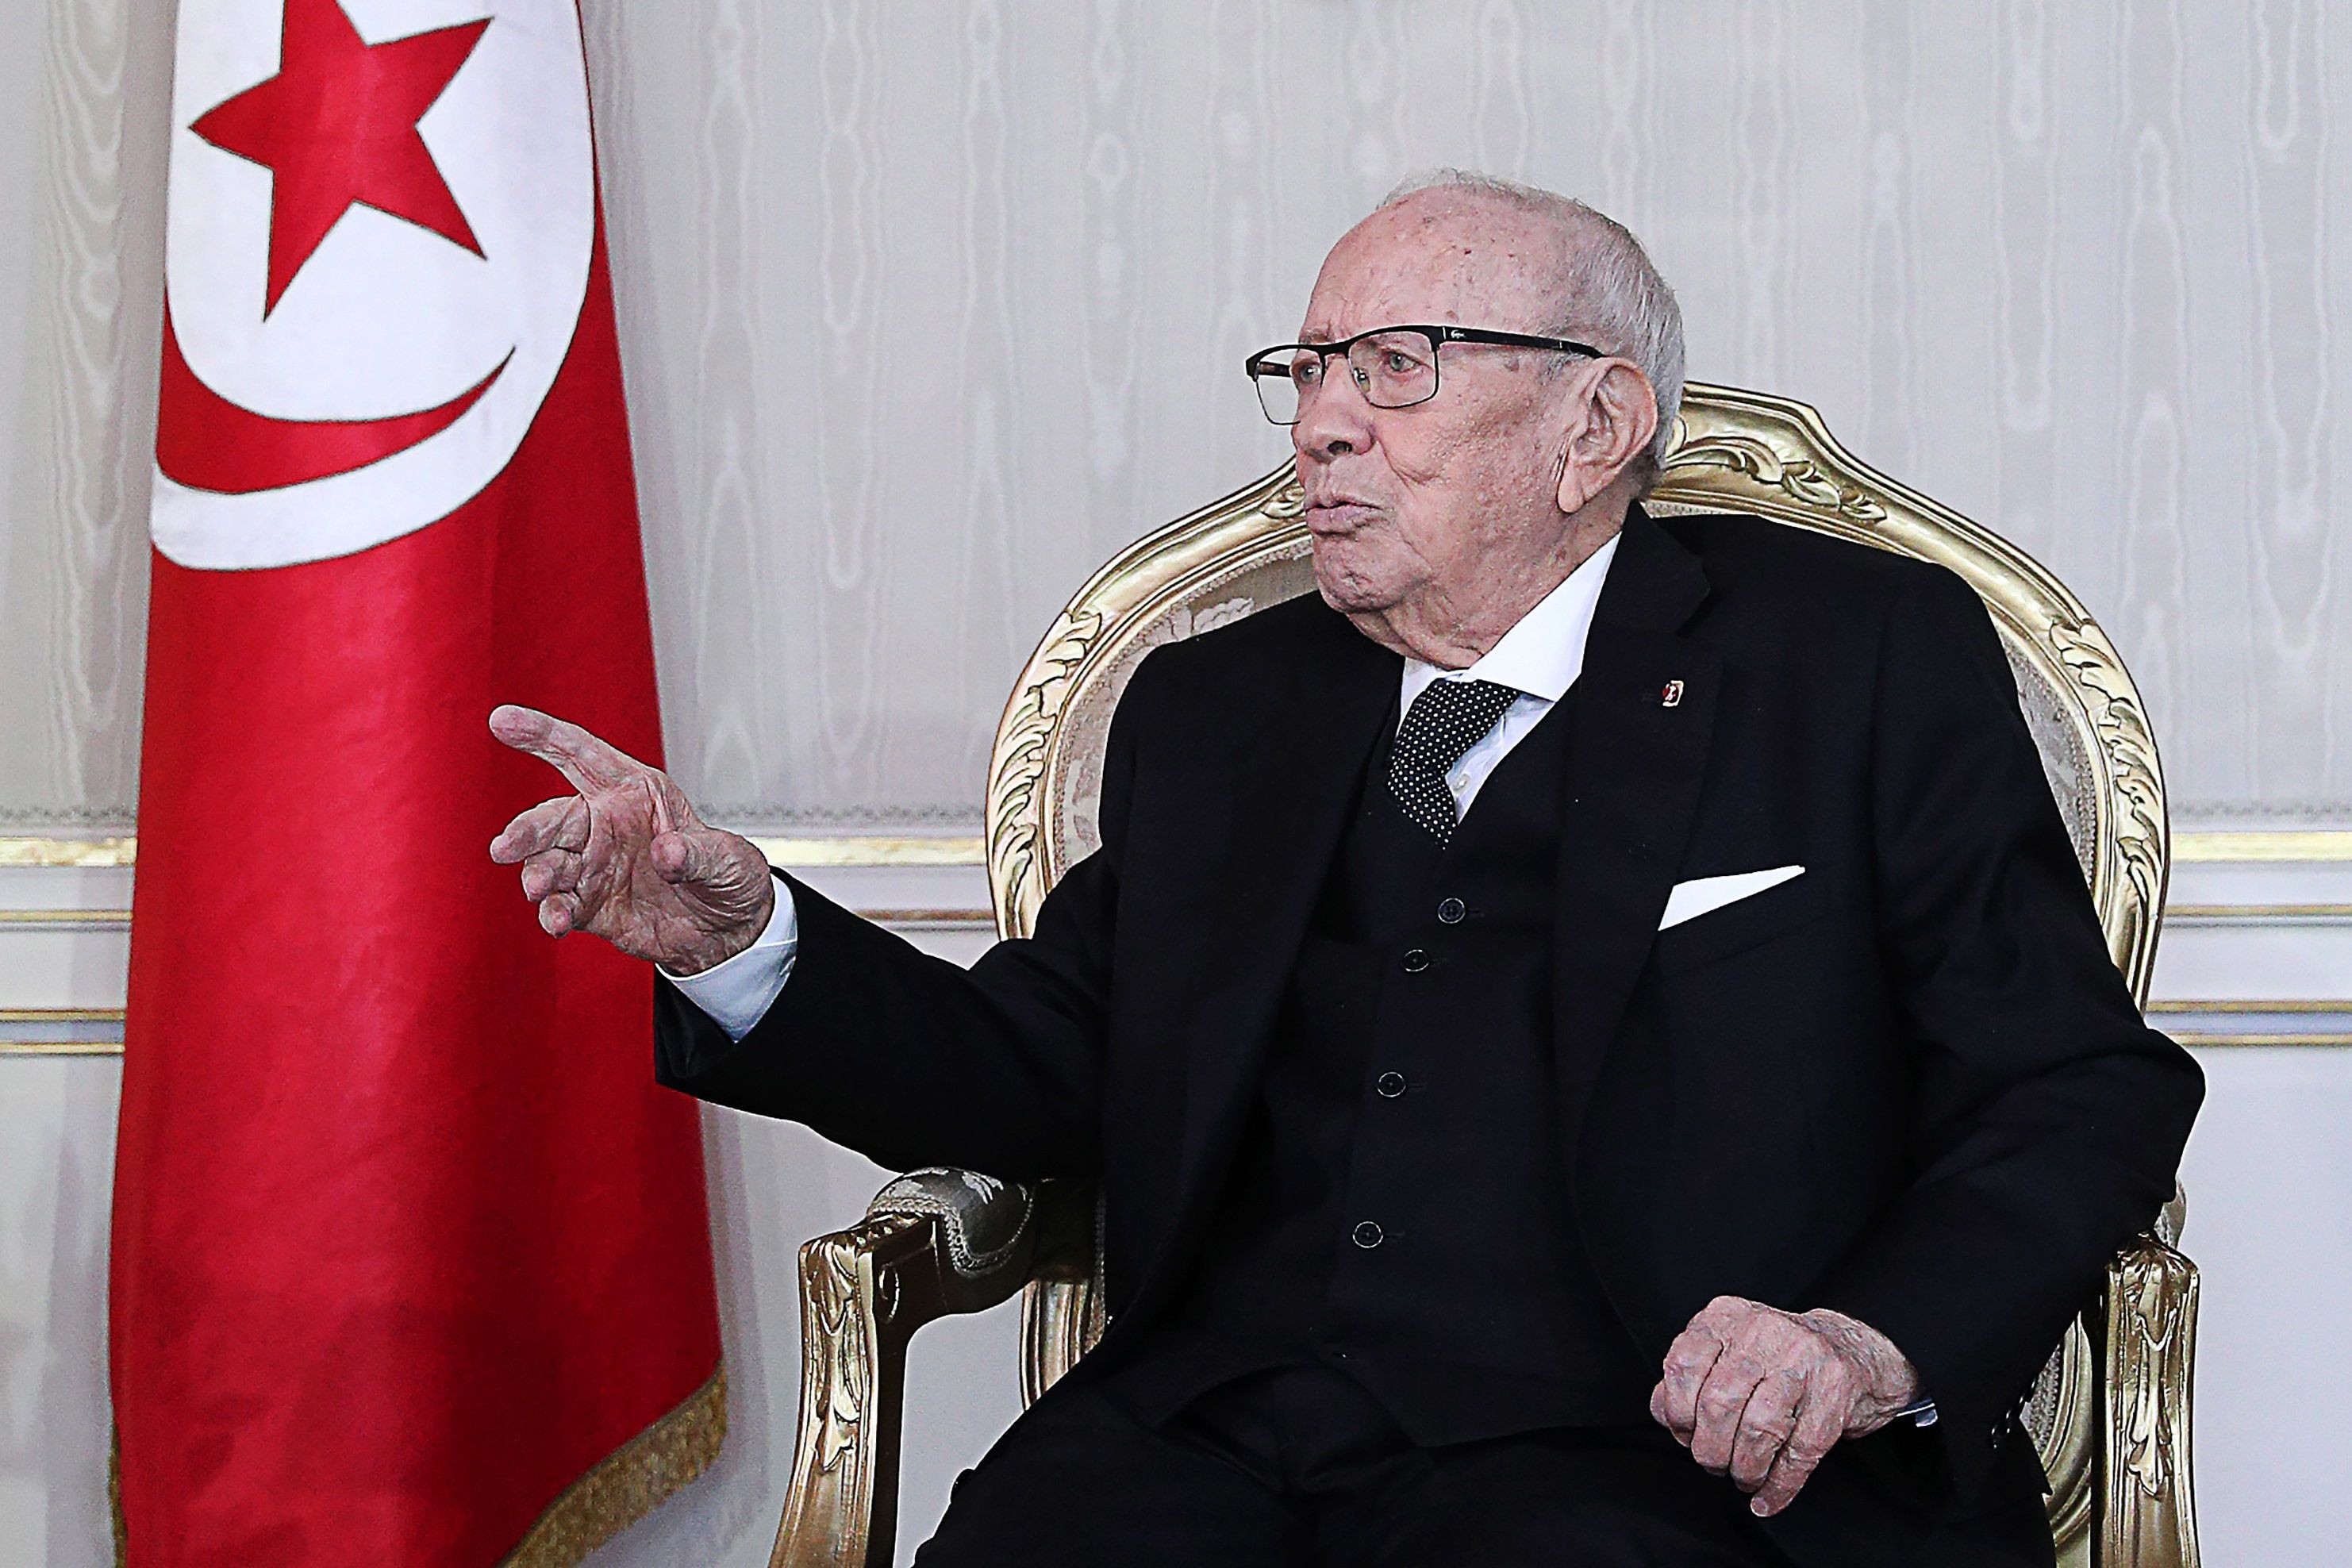 Béji Caid Essebsi met, par voie de presse, la pression sur Ennahdha dans l'affaire de l'appareil